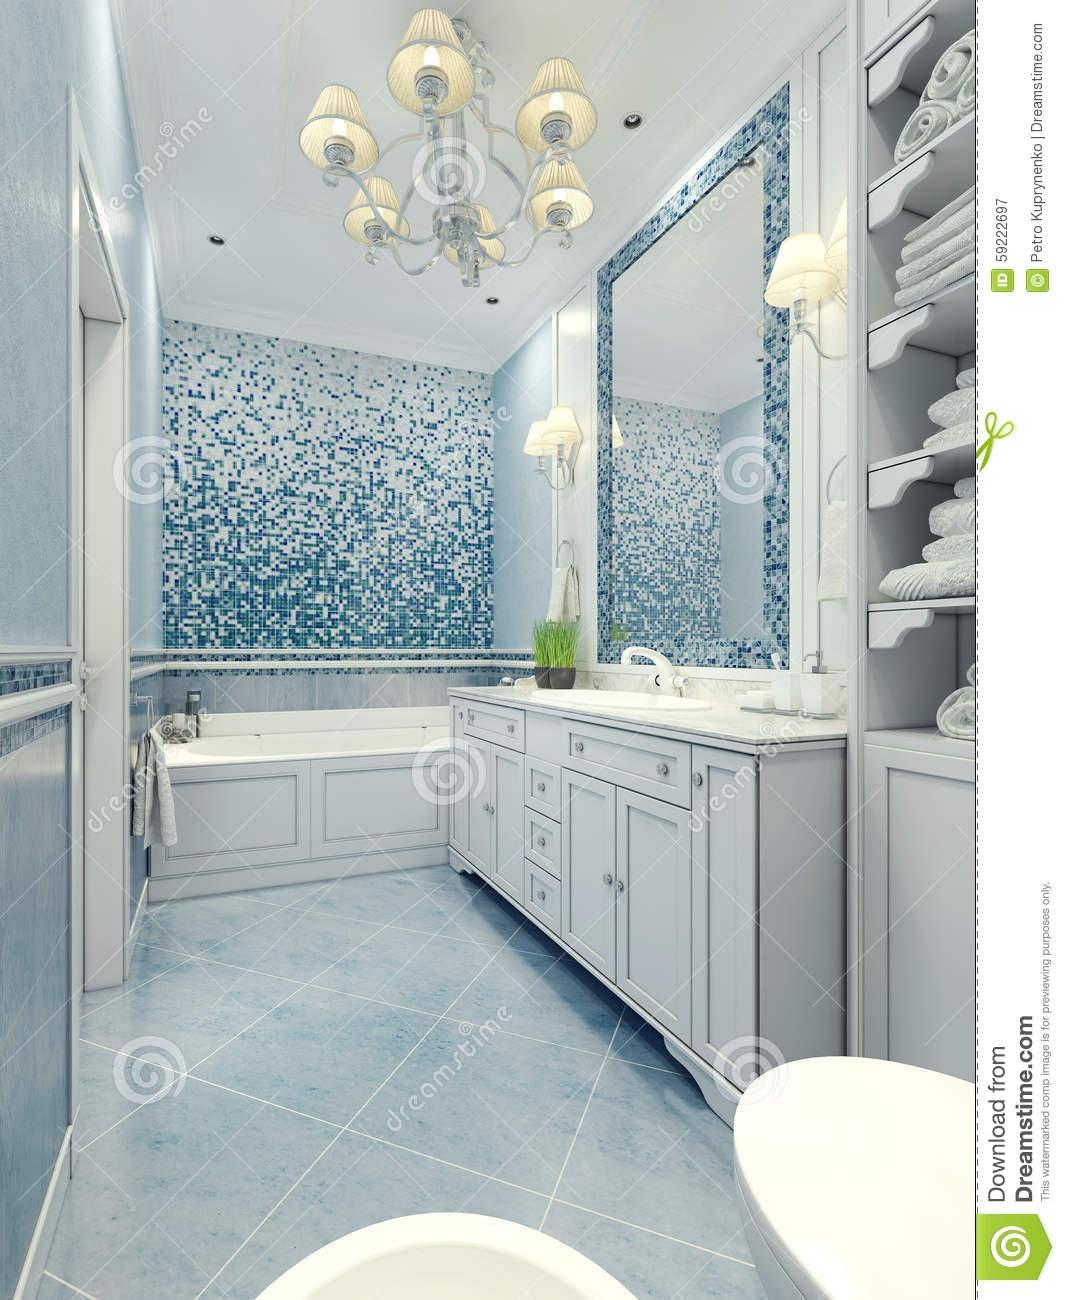 Bathroom Art Deco Style Stock Photo Image 59222697 Within Art Deco Style Bathroom Mirrors (View 7 of 15)